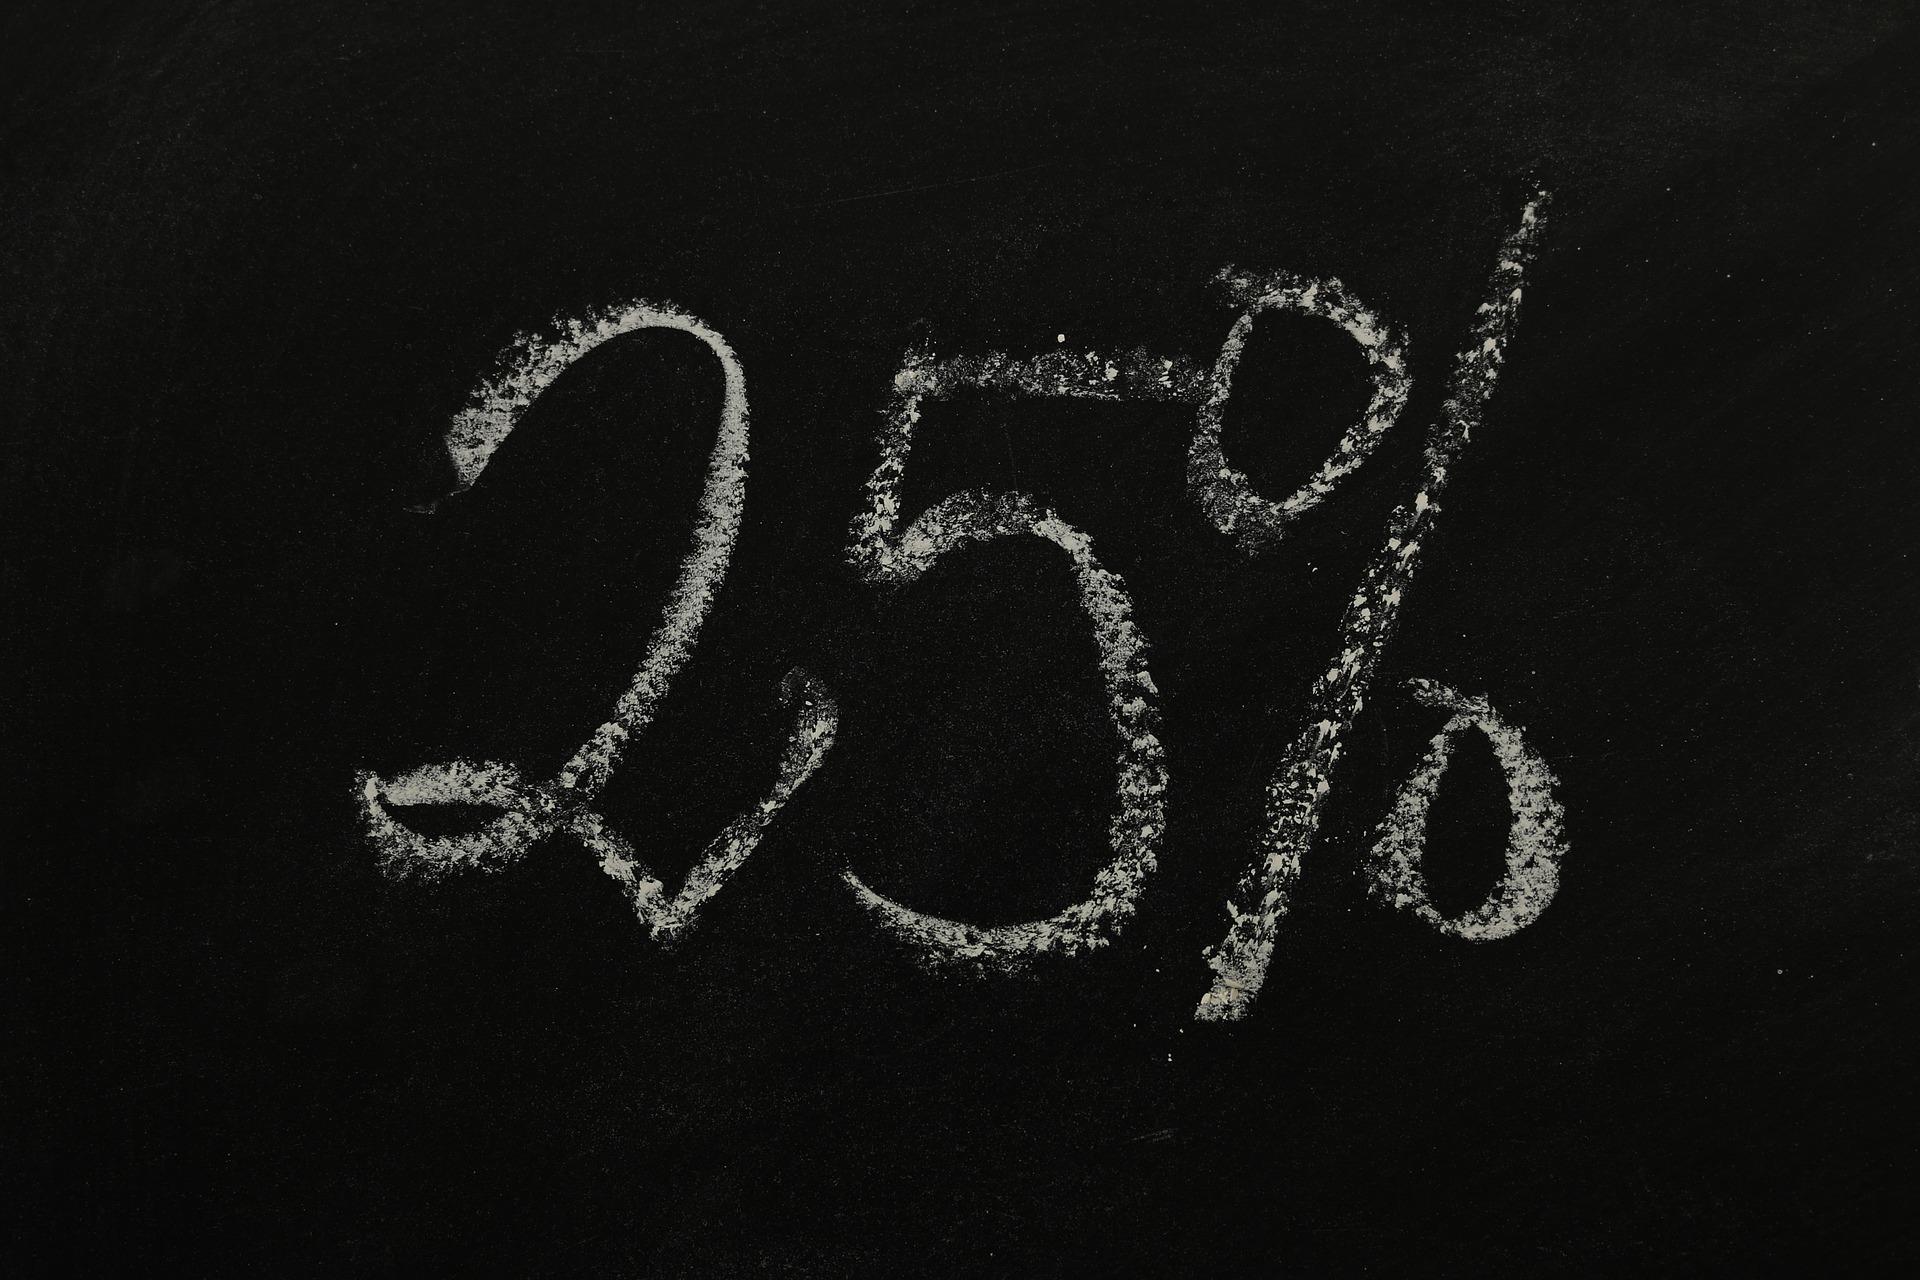 Schlussverkauf: BTE verzichtet auf Empfehlungen